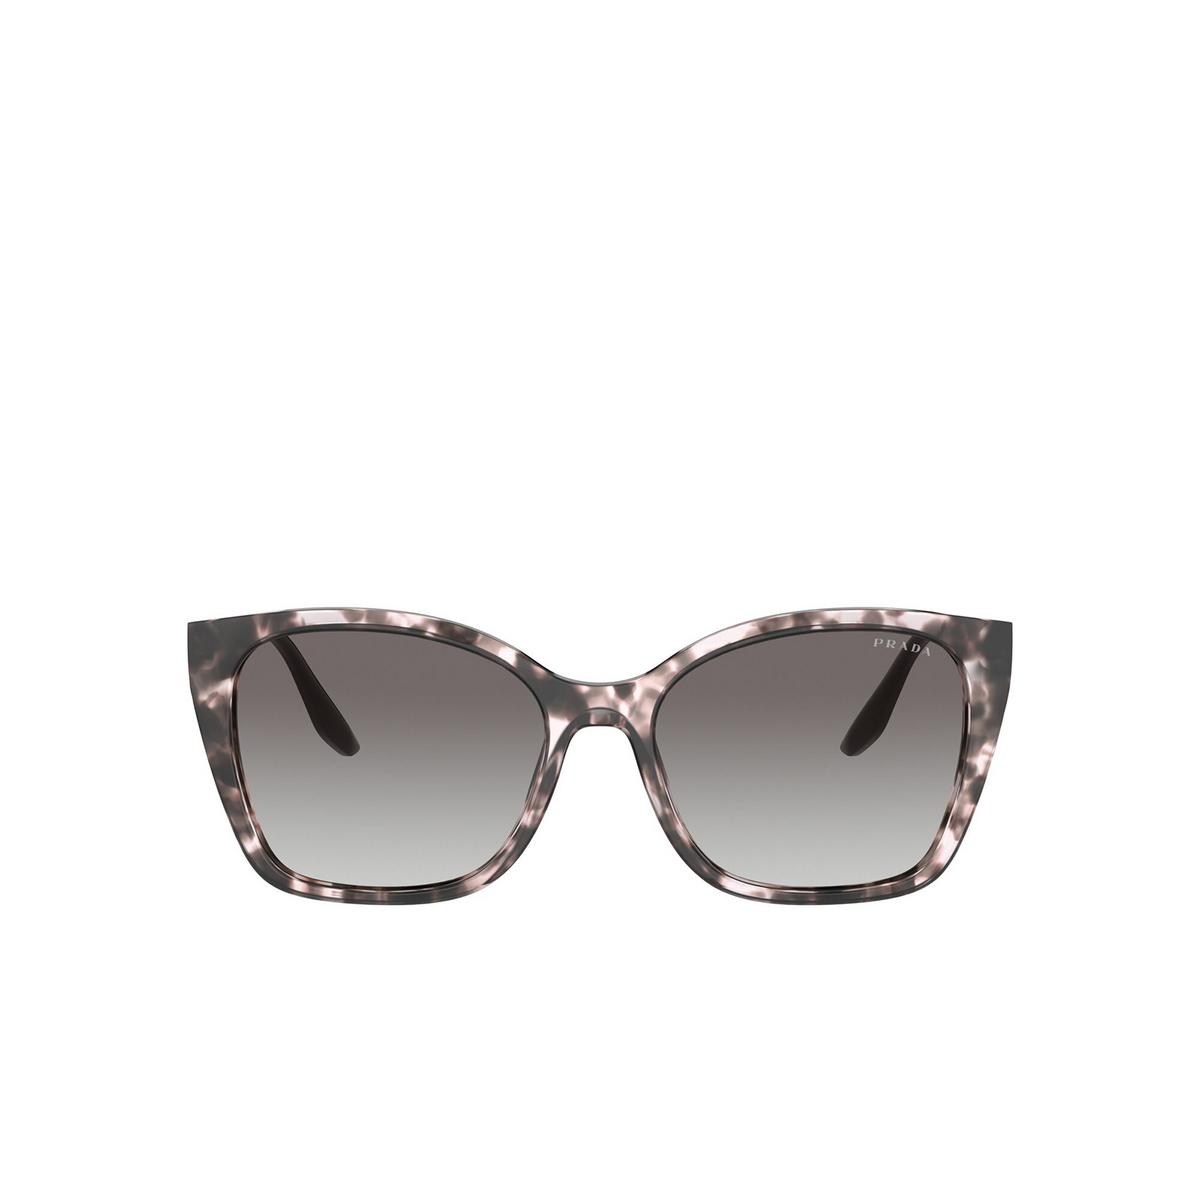 Prada® Cat-eye Sunglasses: PR 12XS color Orchid Tortoise ROJ0A7 - front view.